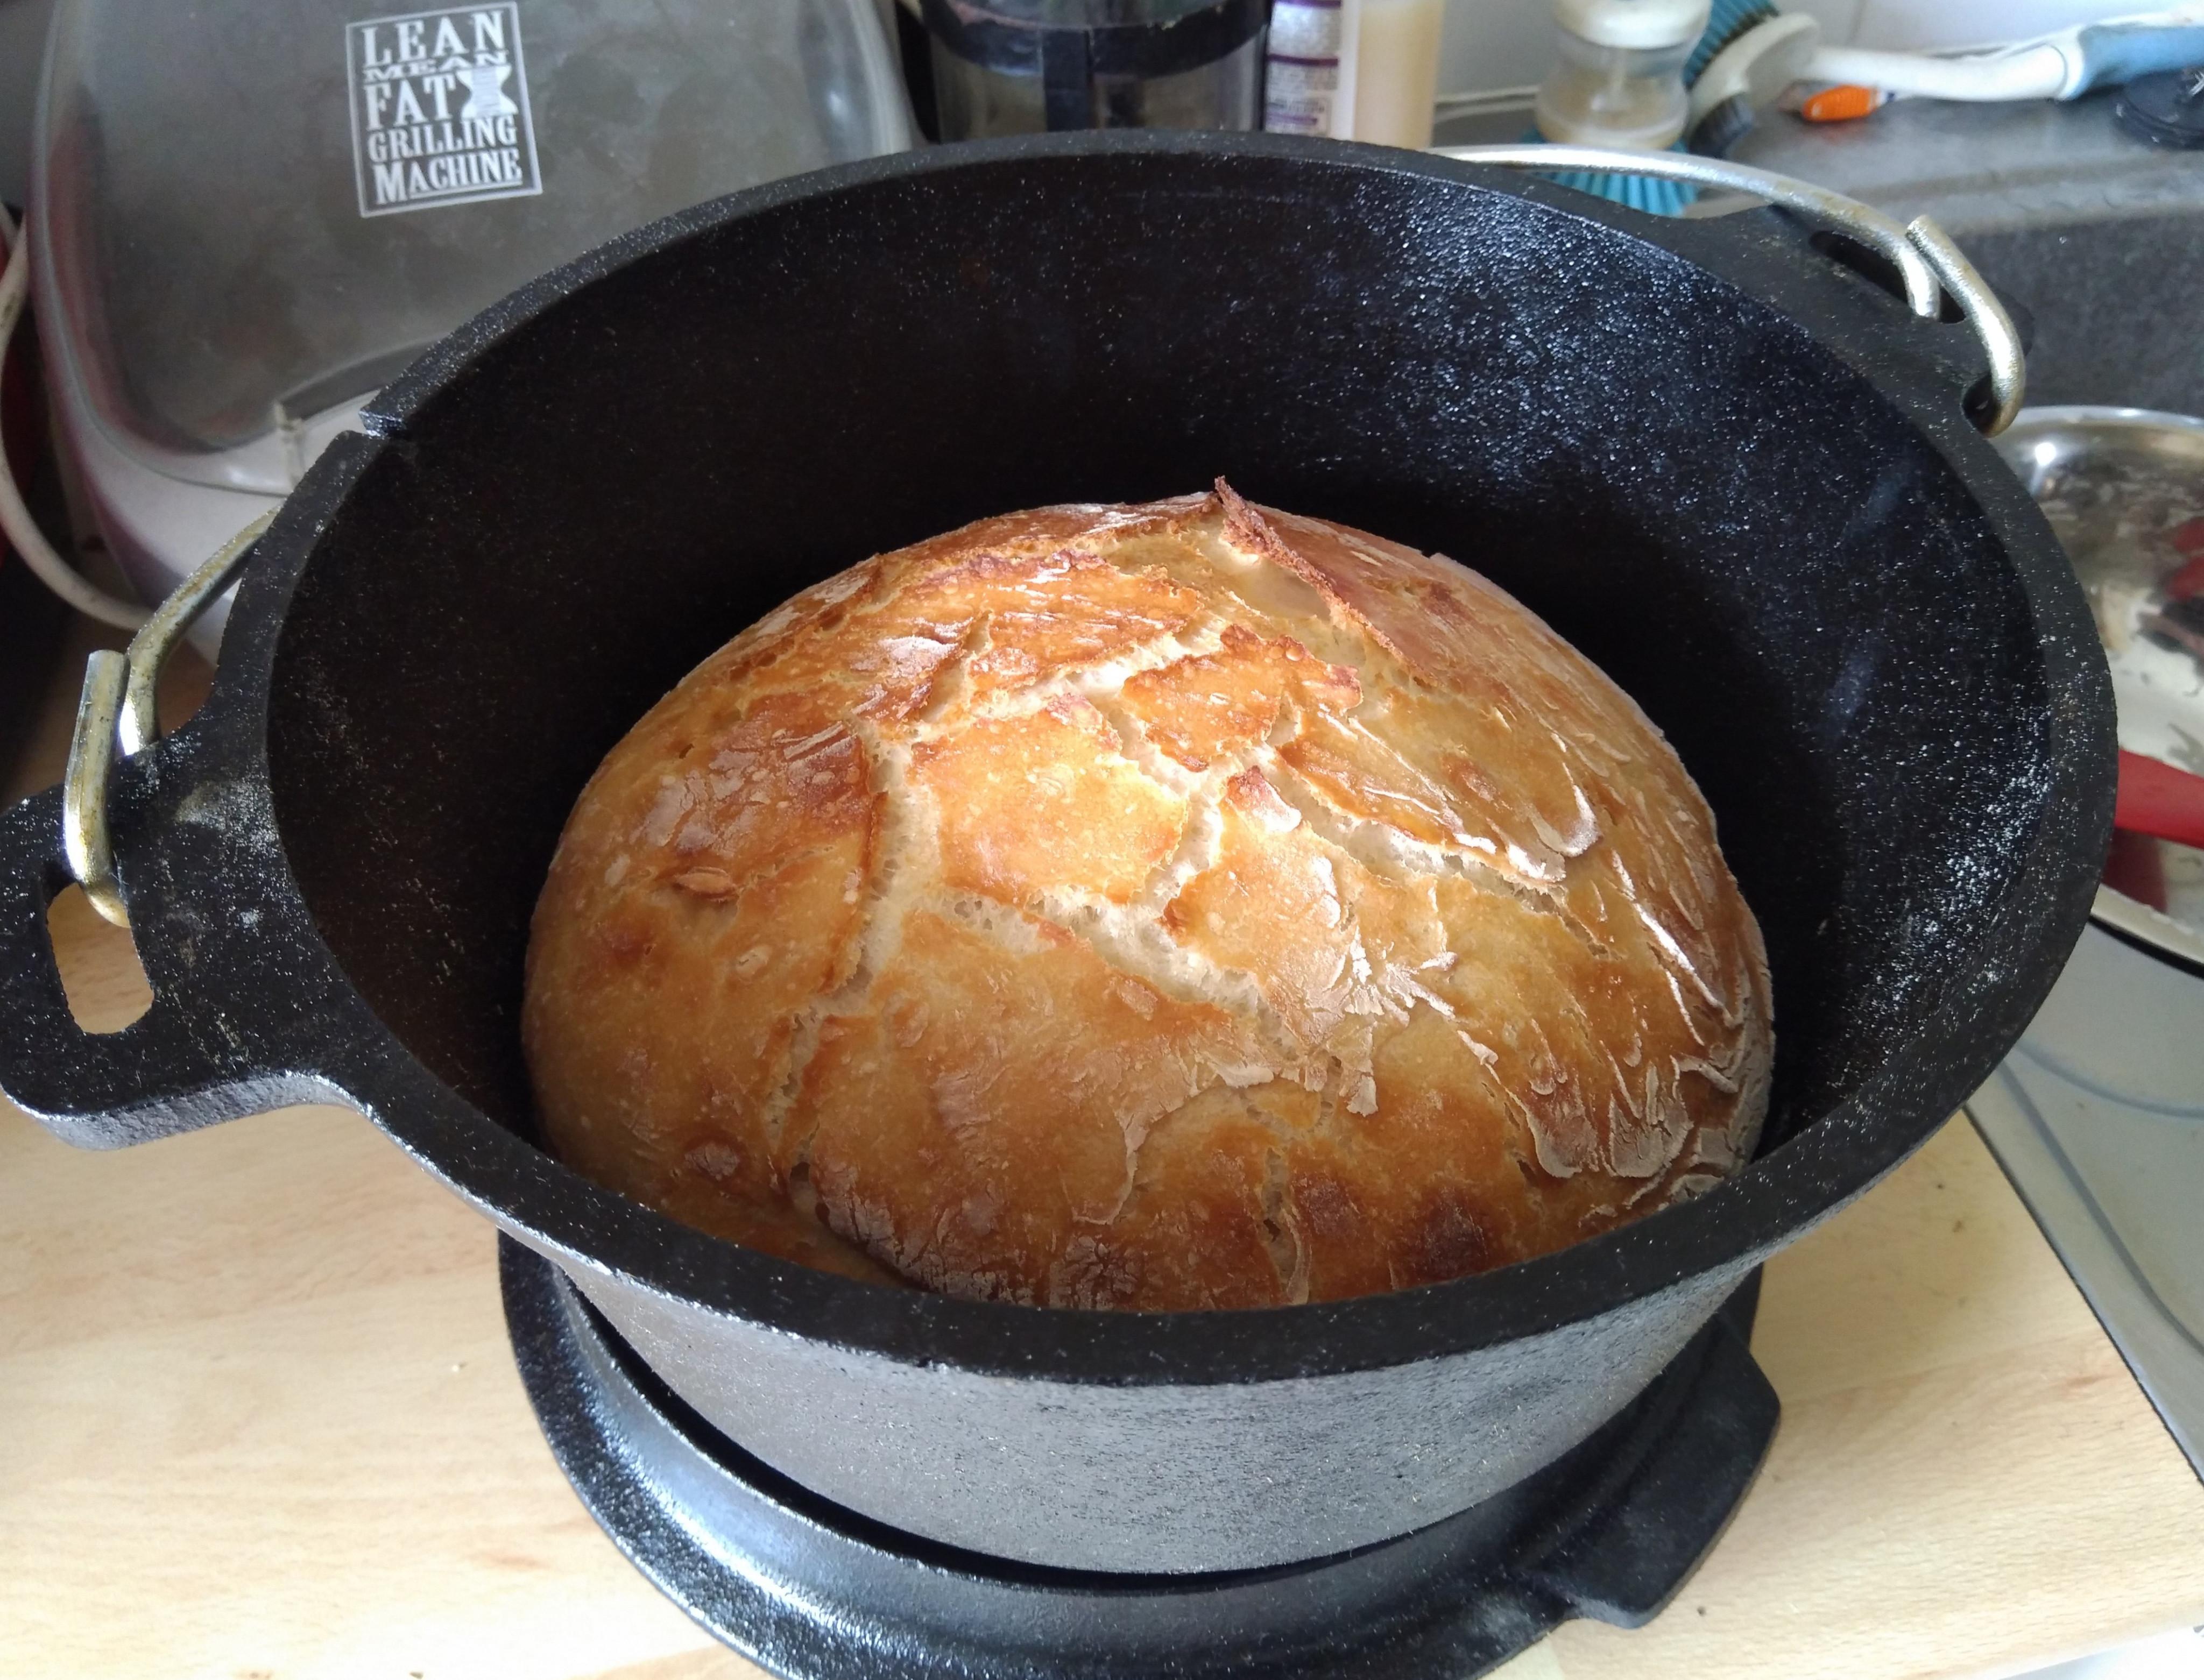 Une boule de pain tout frais à la cocotte